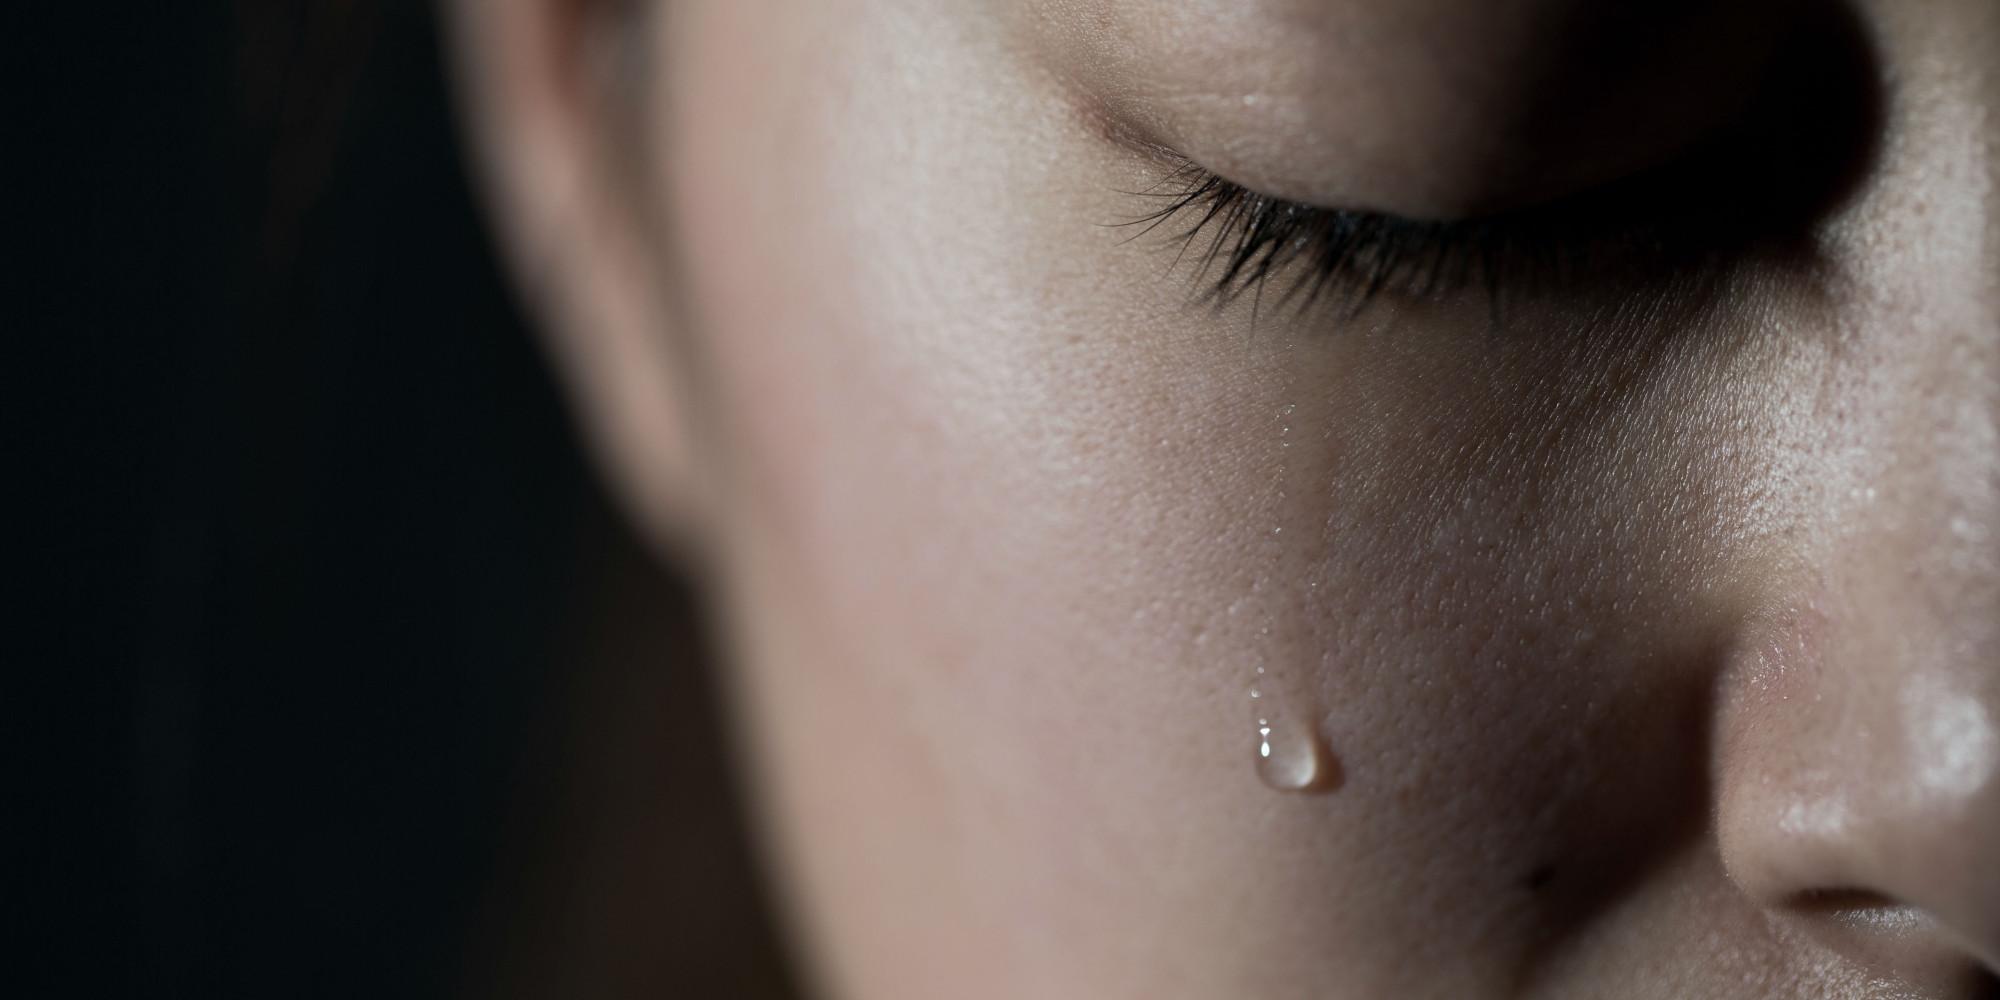 Днем, картинки слеза на щеке